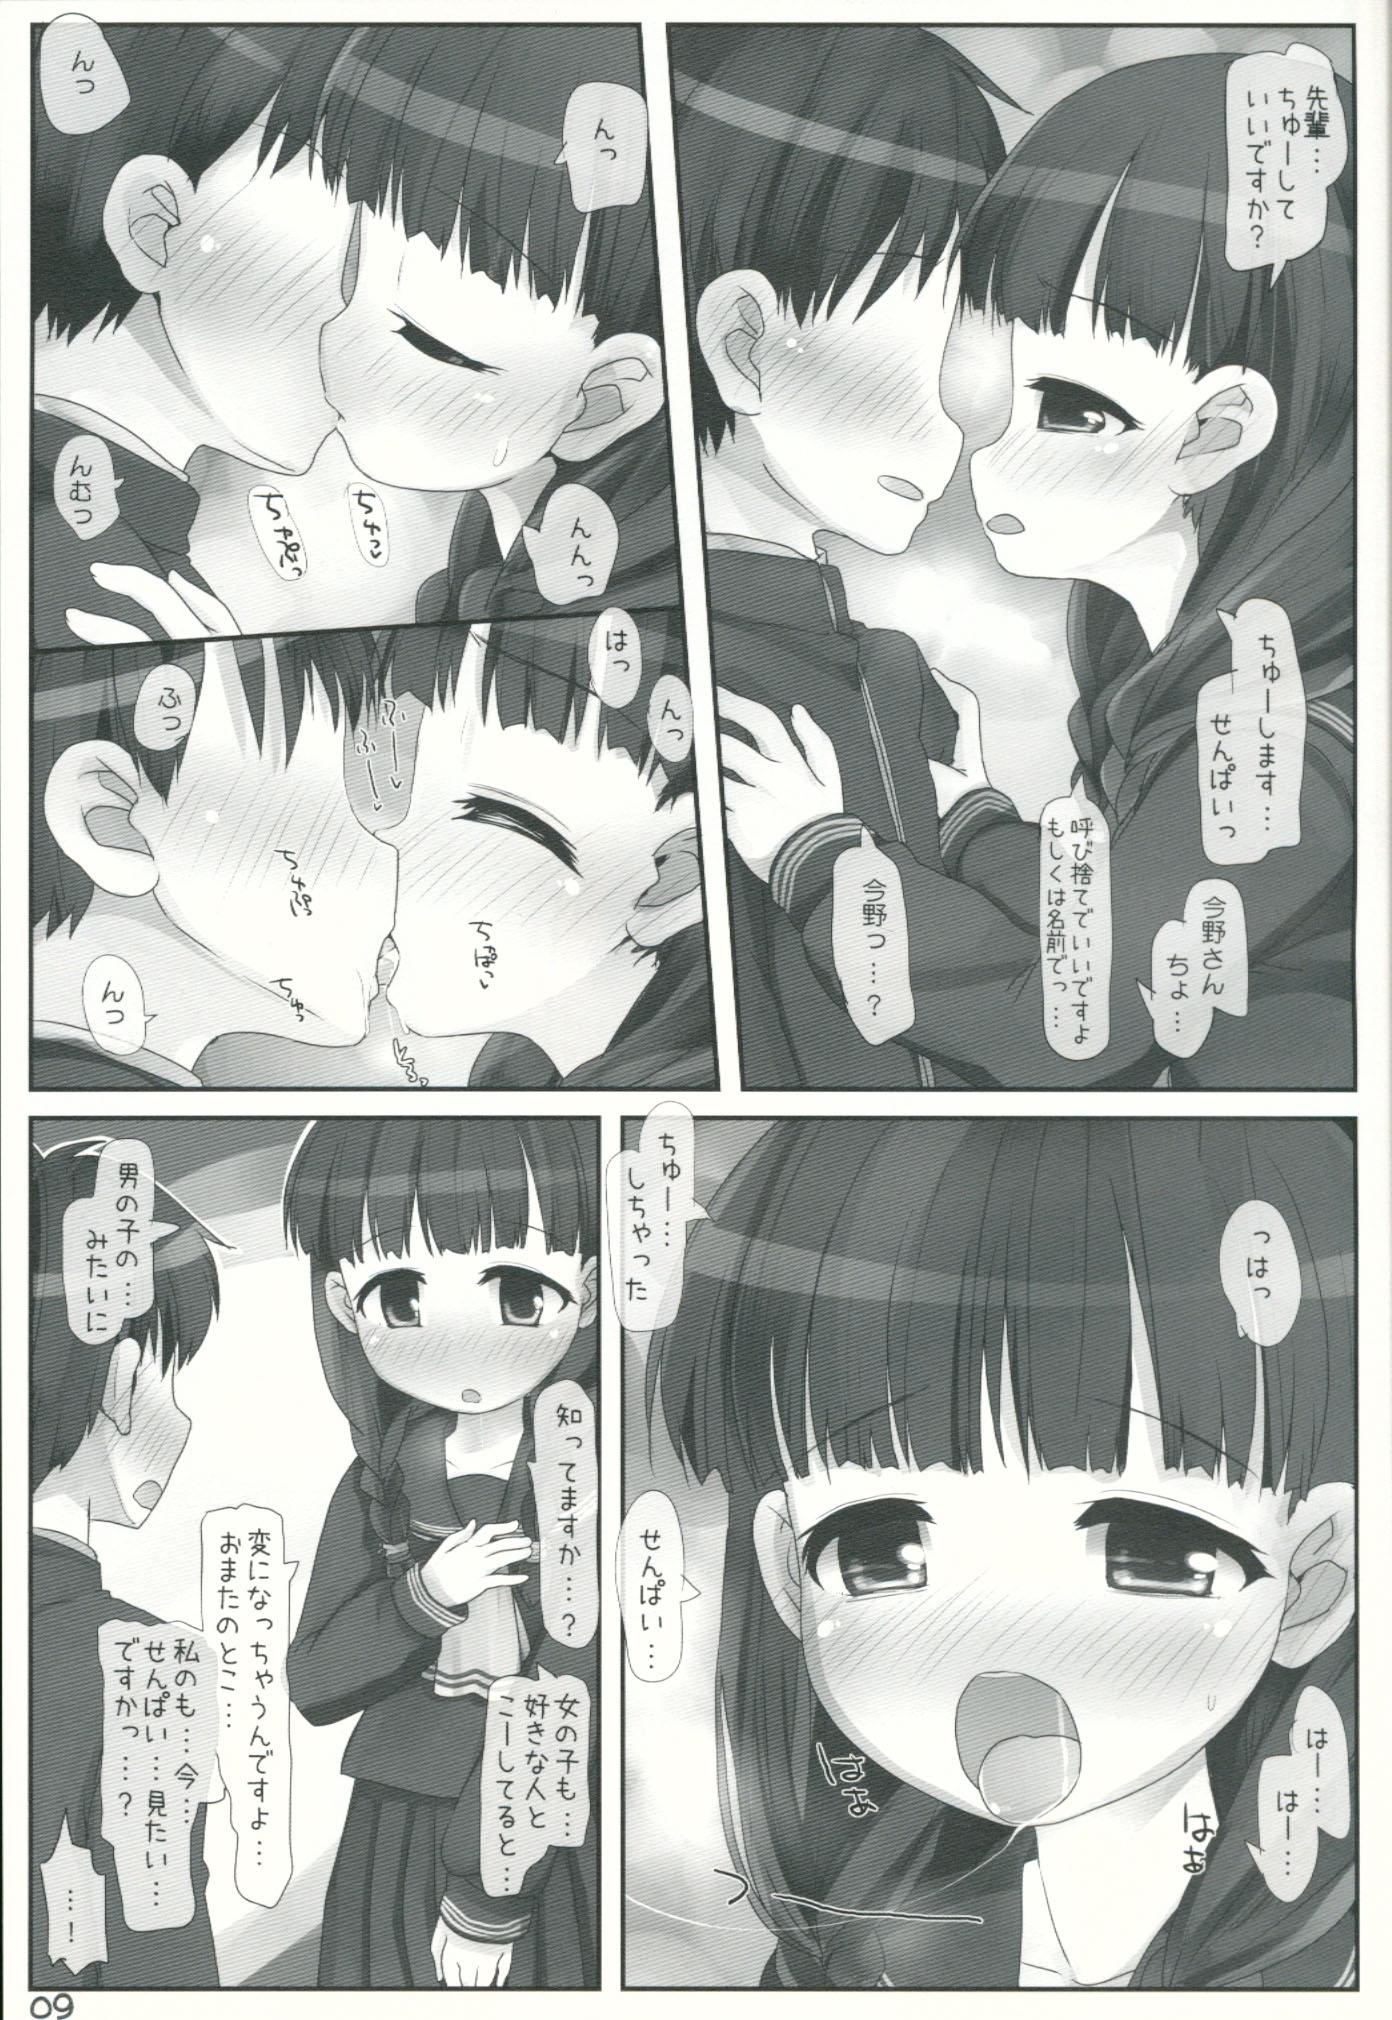 【エロ漫画・エロ同人誌】居残って作業してたら両想いだったからとりあえずセックスしとこうかwwwwww (8)